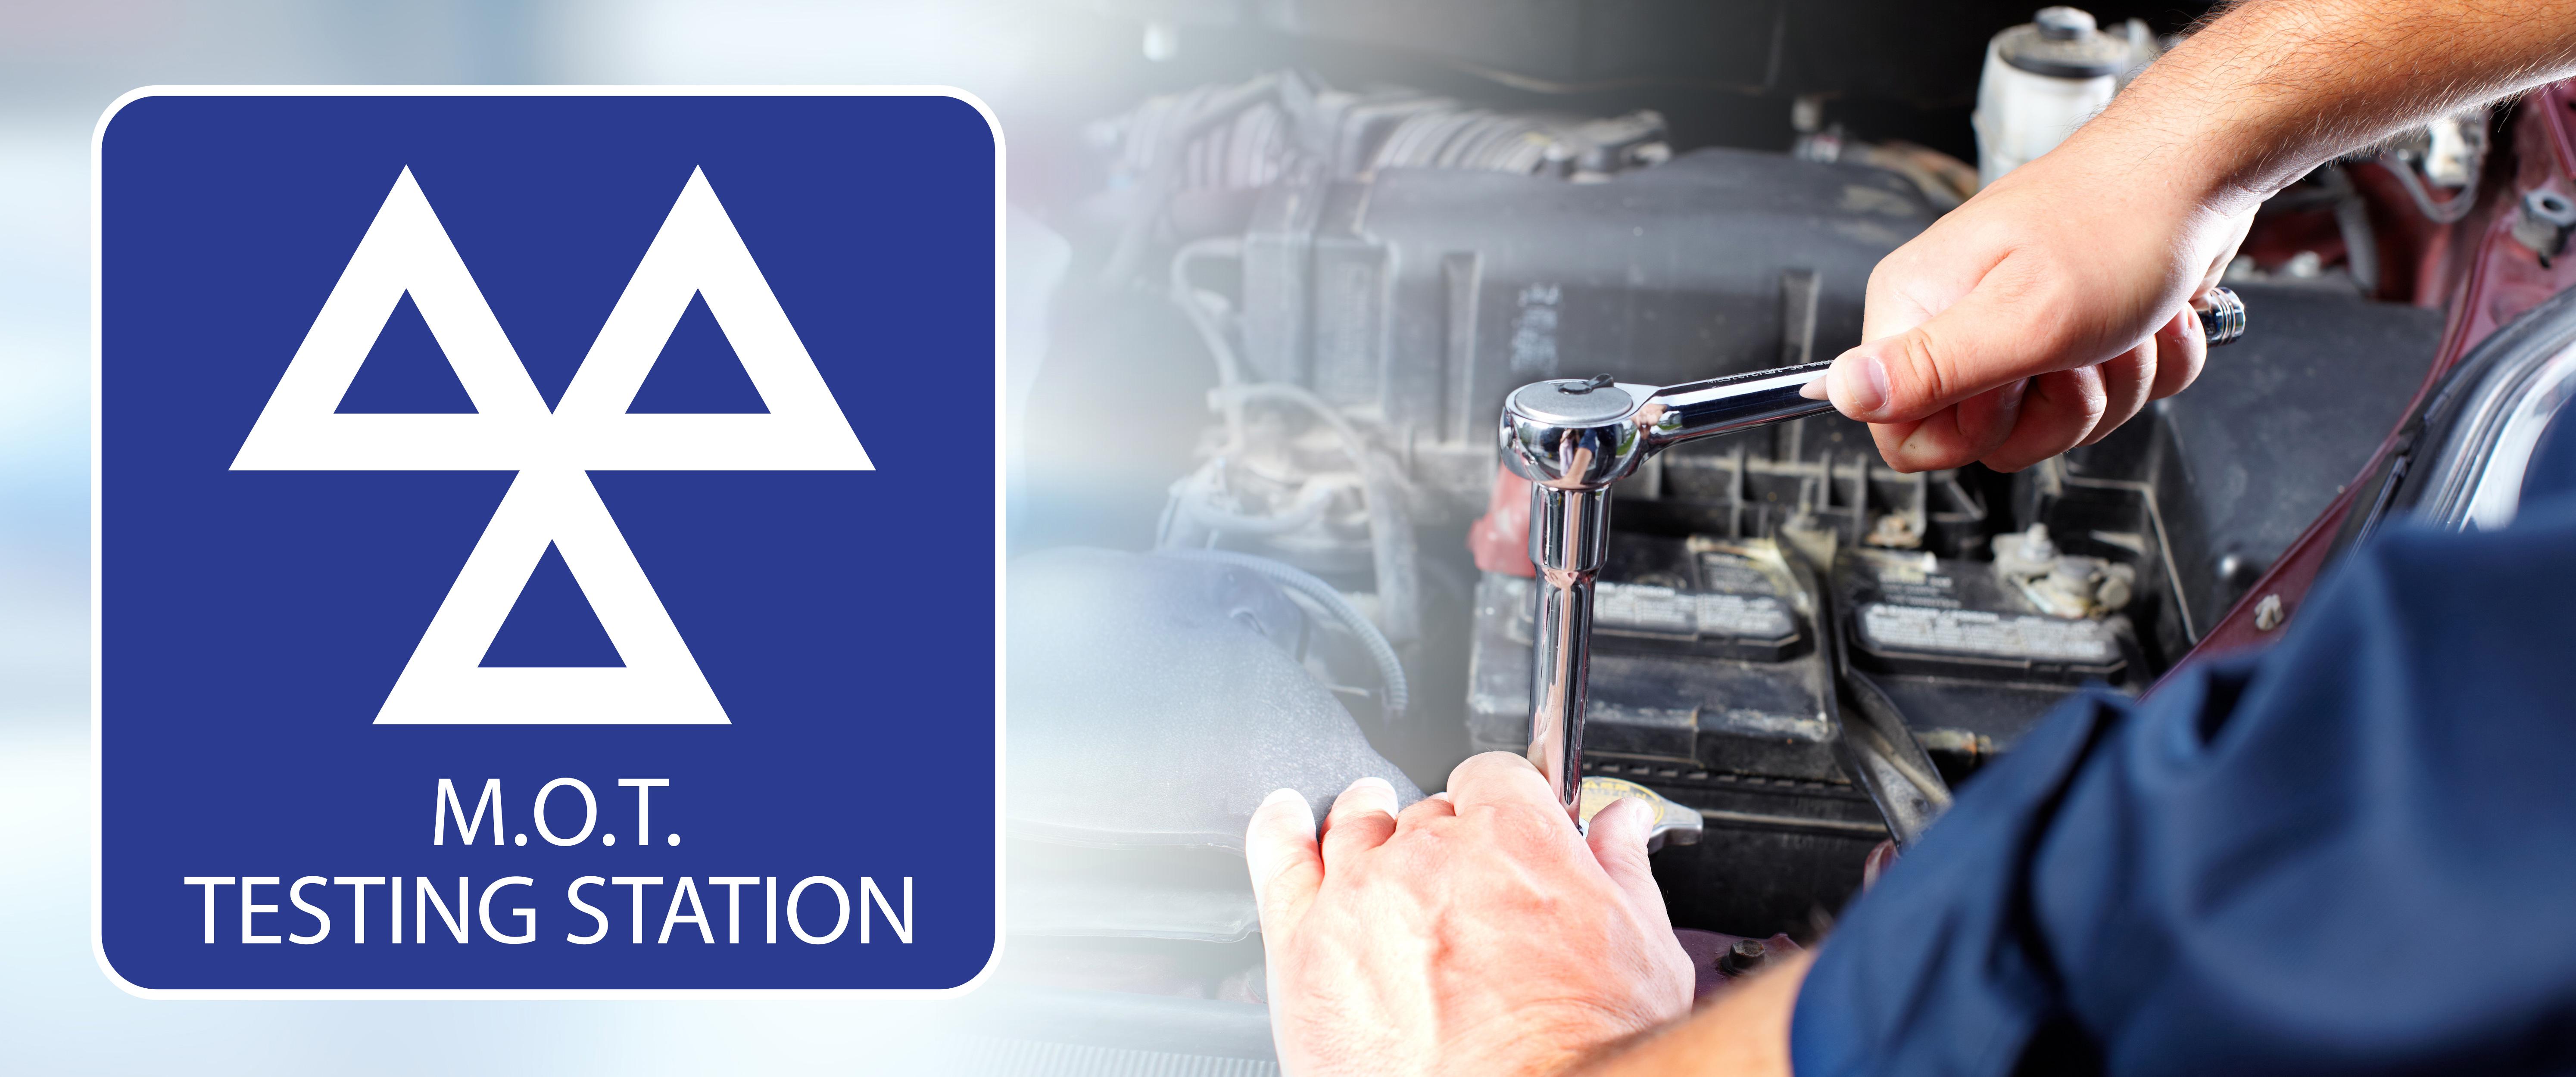 Hastings Volkswagen Servicing Repair Specialists